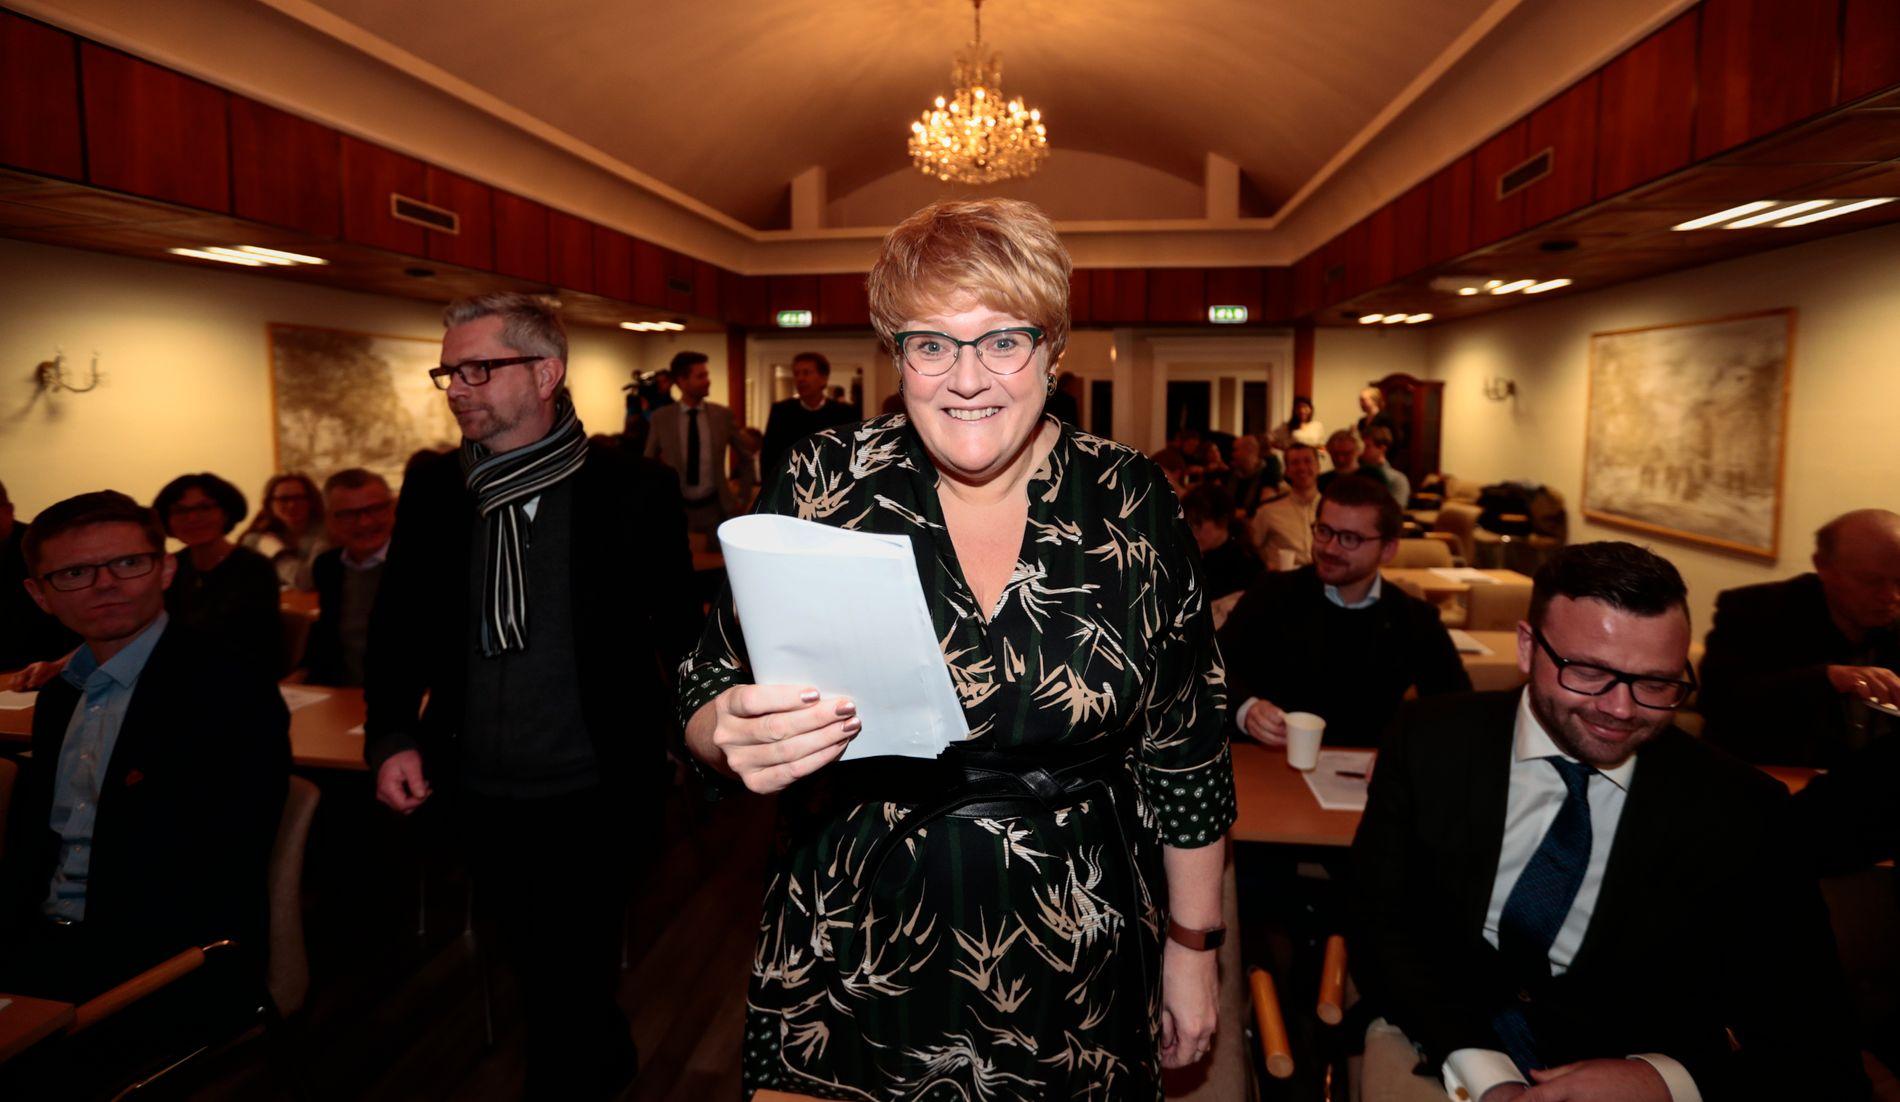 NY KULTURMINISTER? Venstres partileder Trine Skei Grande er av mange tippet som kulturminister i en ny regjering. Ikke noe dårlig tips, mener kulturredaktør Frode Bjerkestrand.